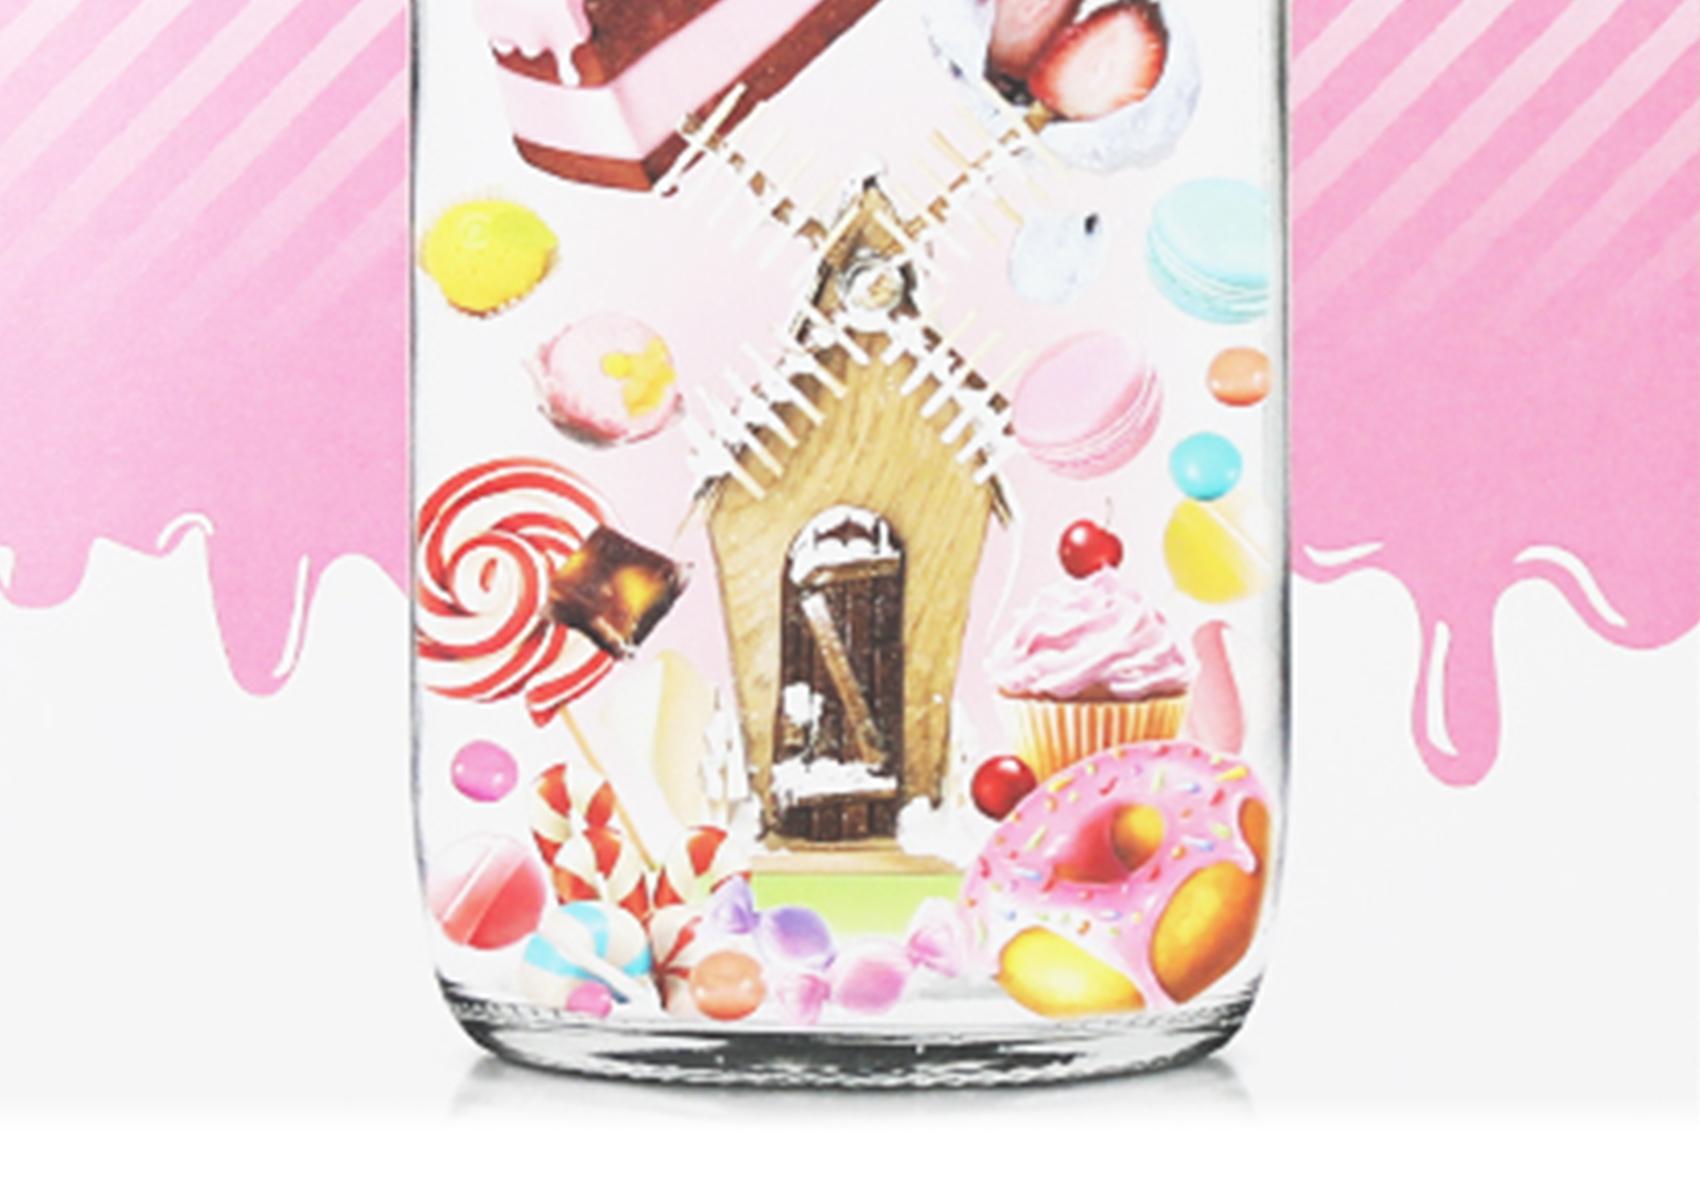 ofuna sweets